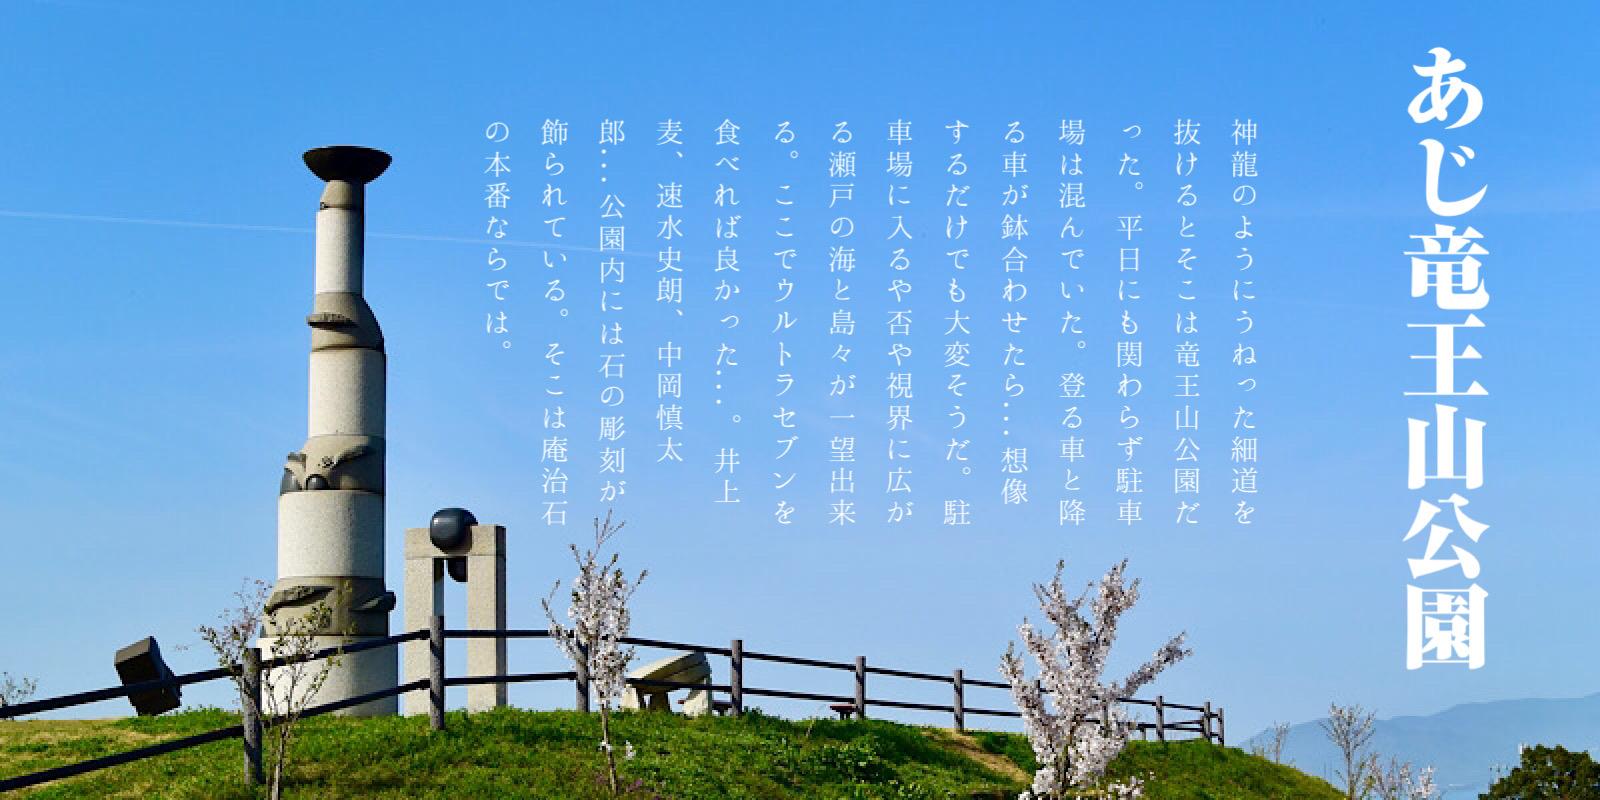 あじ竜王山公園2021